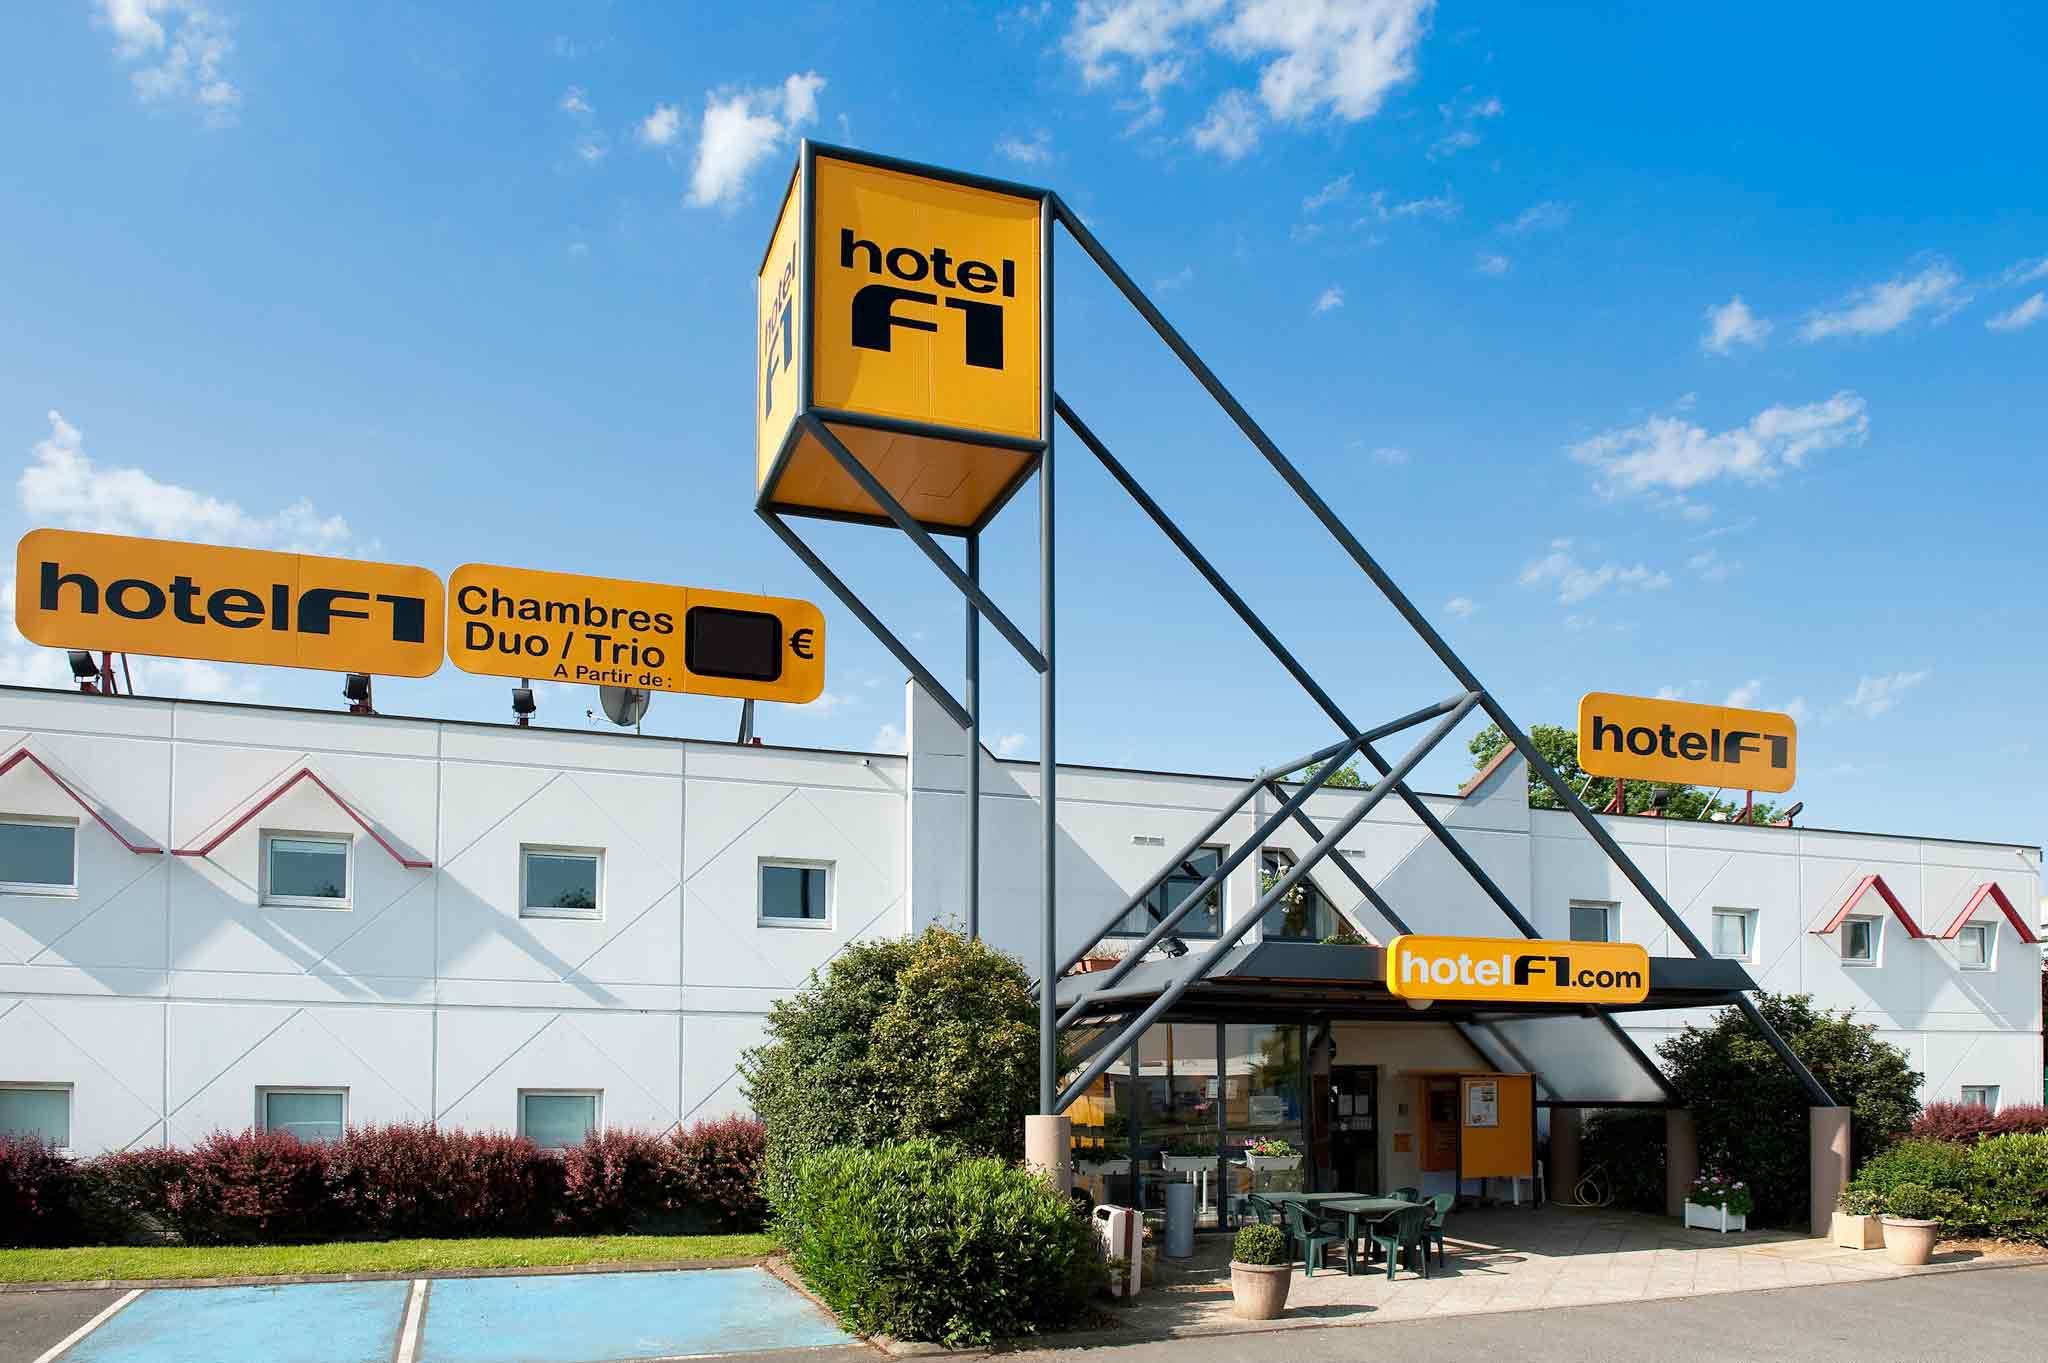 호텔 – hotelF1 Brie-Comte-Robert